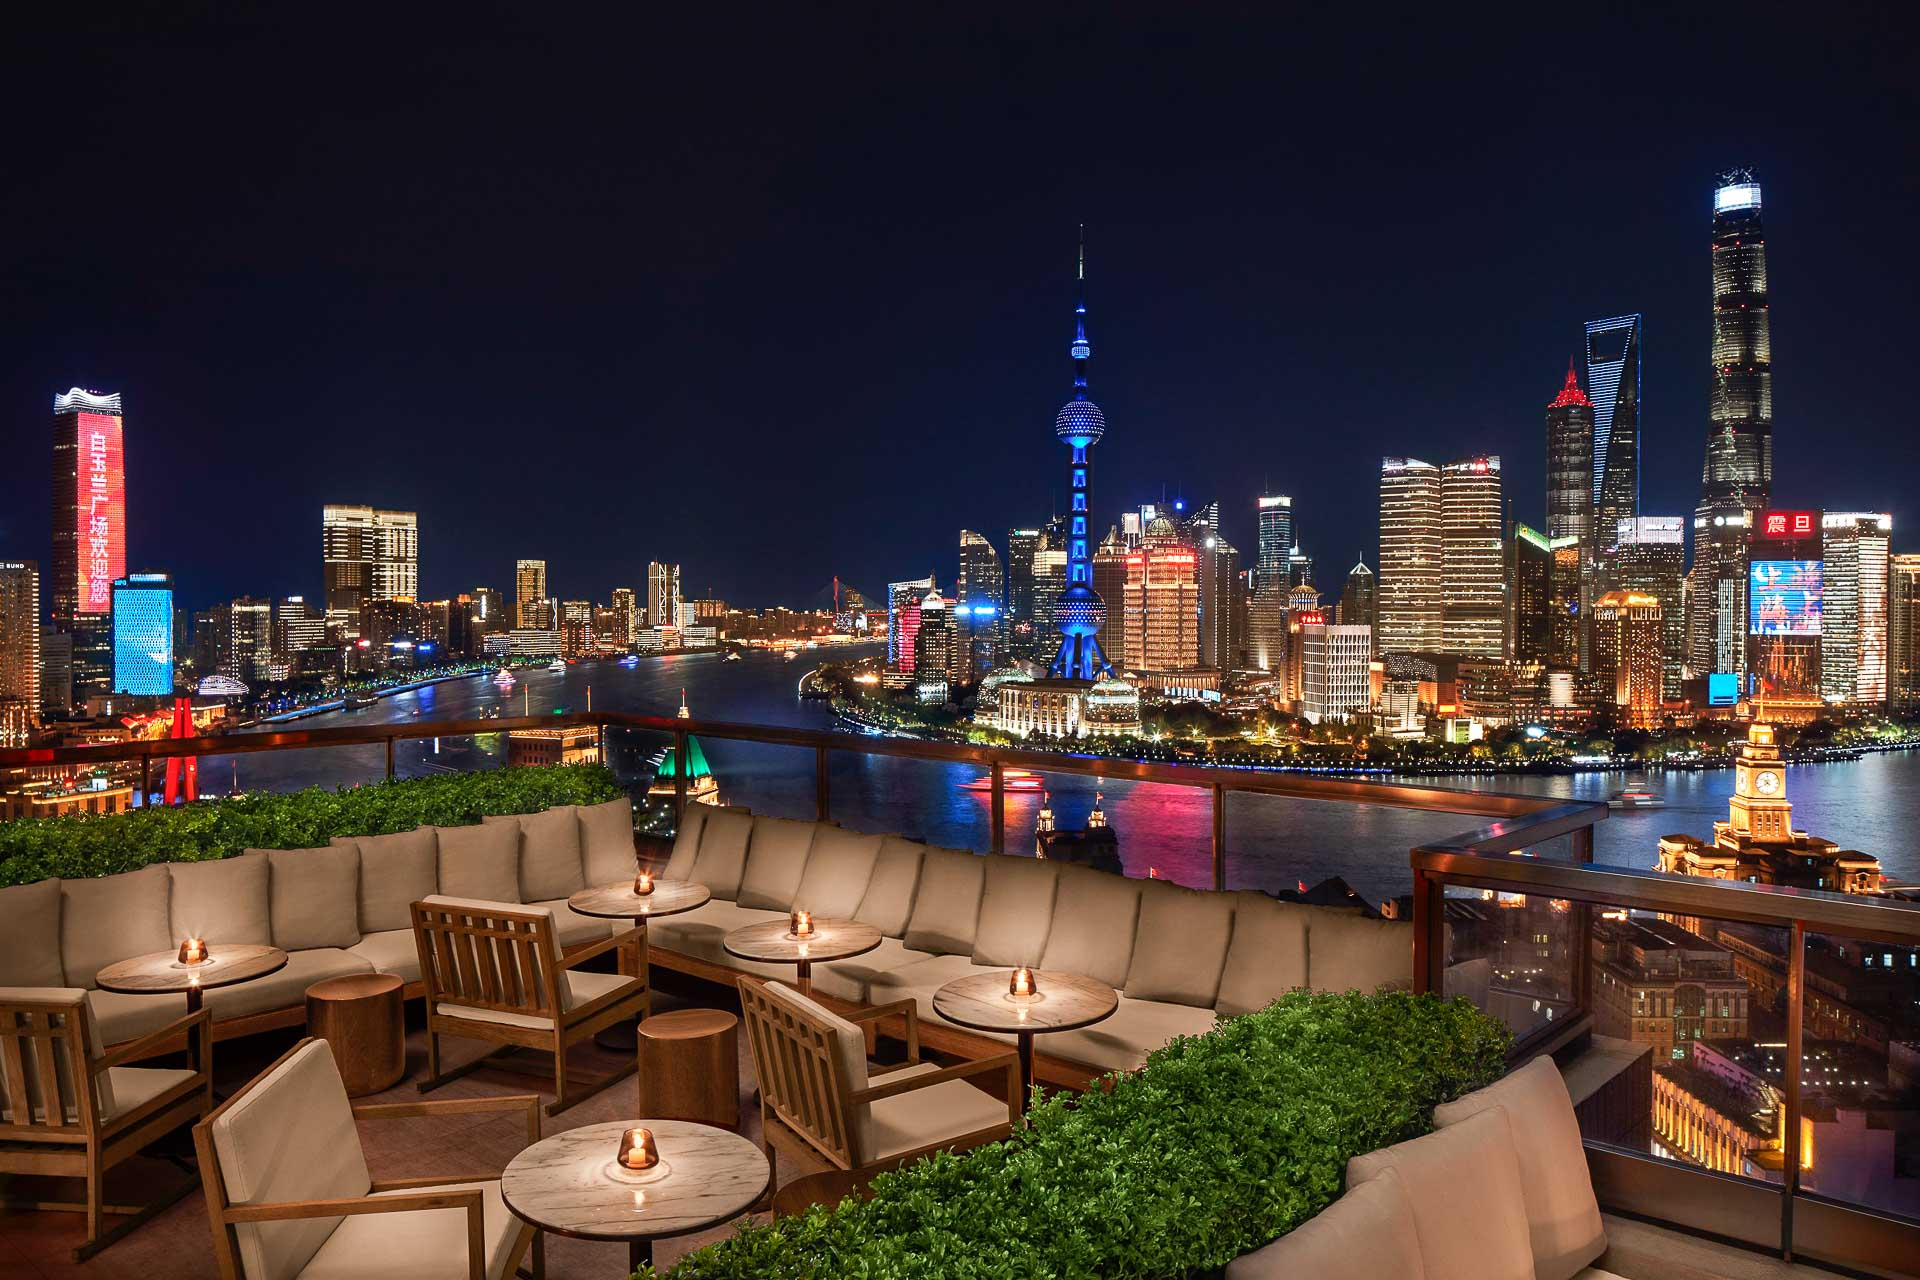 Remis à neuf et flanqué d'une tour contemporaine, l'ancien siège Art Déco de la Shanghai Power Company accueille désormais un nouvel hôtel 5-étoiles. The Shanghai EDITION, qui appartient à l'enseigne développée en exclusivité par Ian Schrager pour le groupe Marriott, a ouvert ses portes il y a quelques semaines.